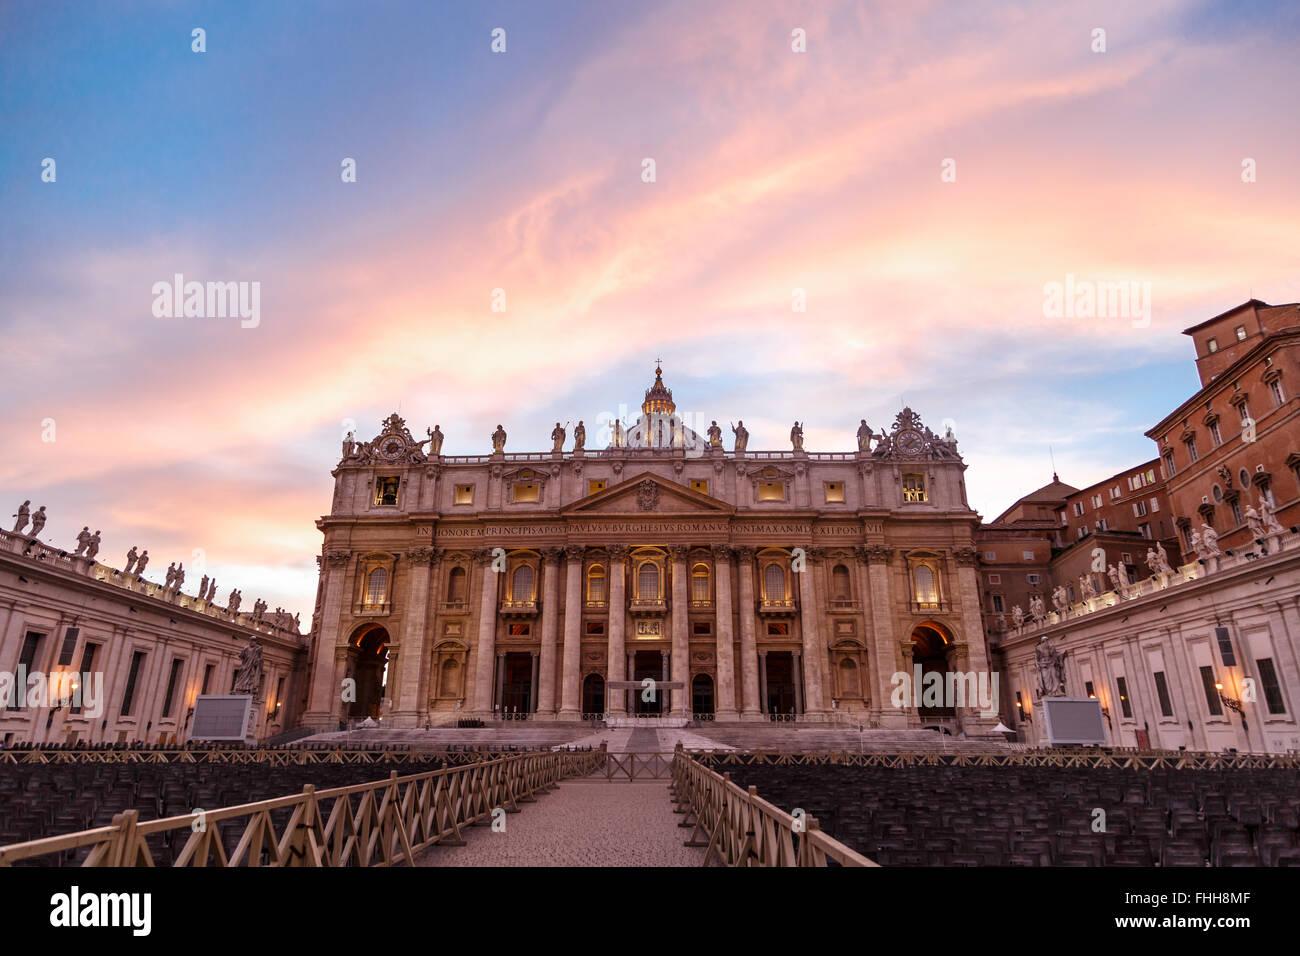 Vista frontale della Basilica di San Pietro in Vaticano con la gente intorno, su nuvoloso cielo blu backgroundat Immagini Stock